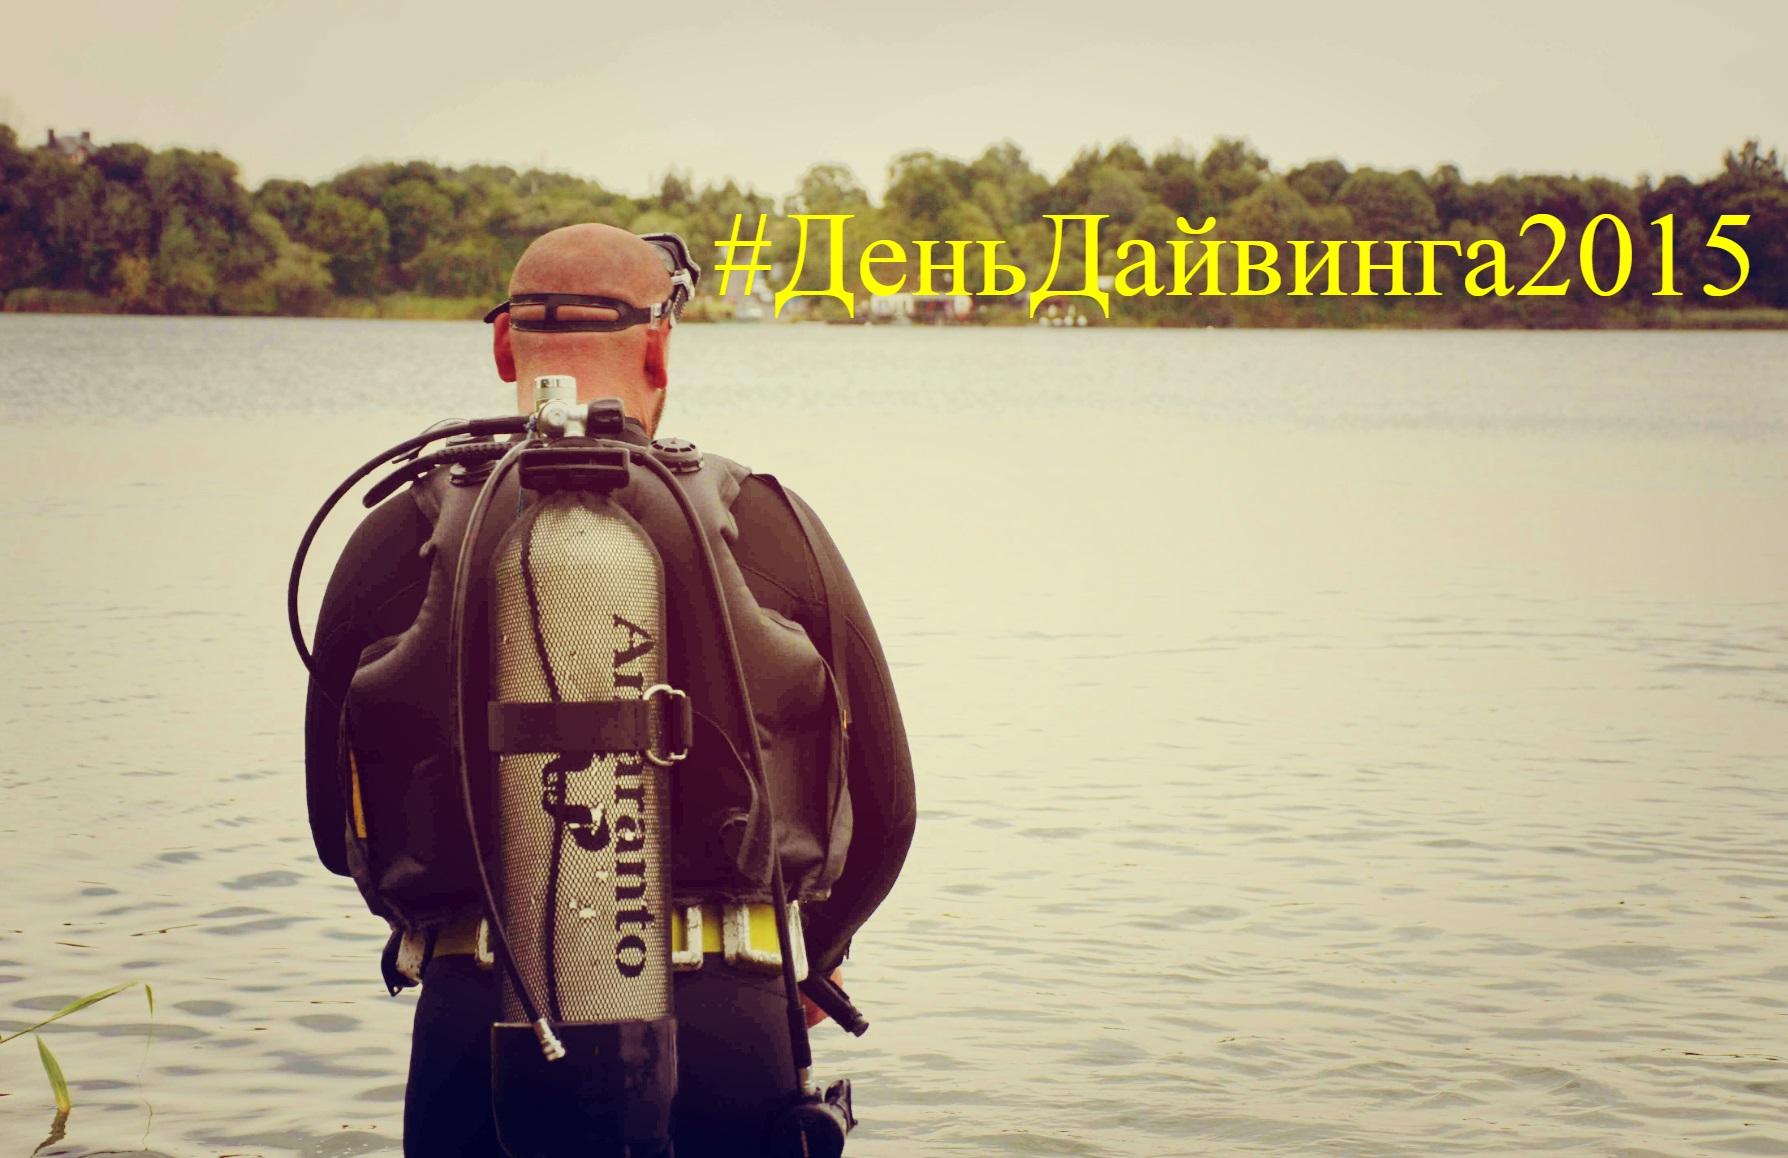 Мой отзыв о дайвинге в Синявино (Калининград)